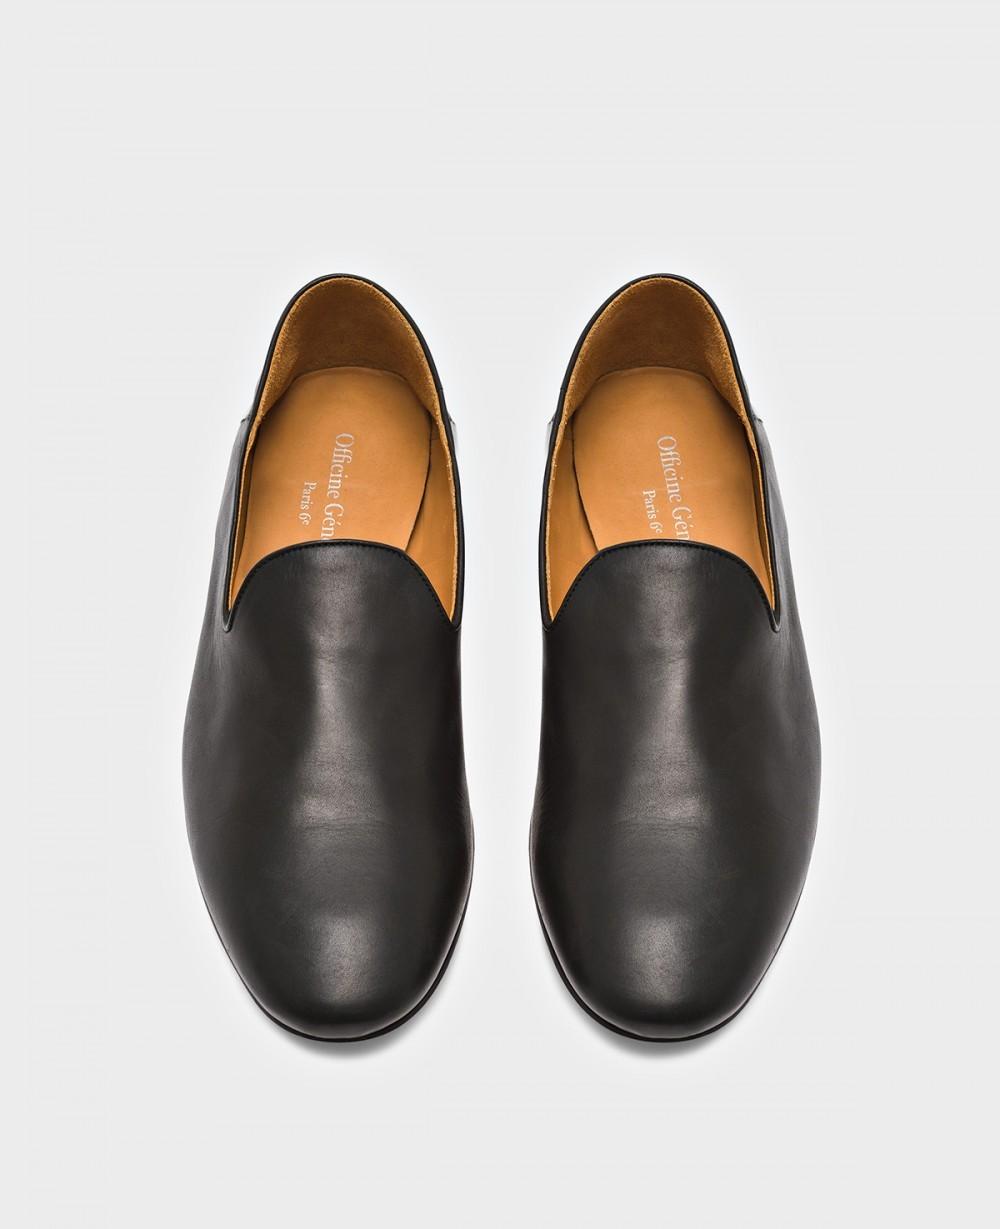 foldable-slipper-italian-leather.jpg